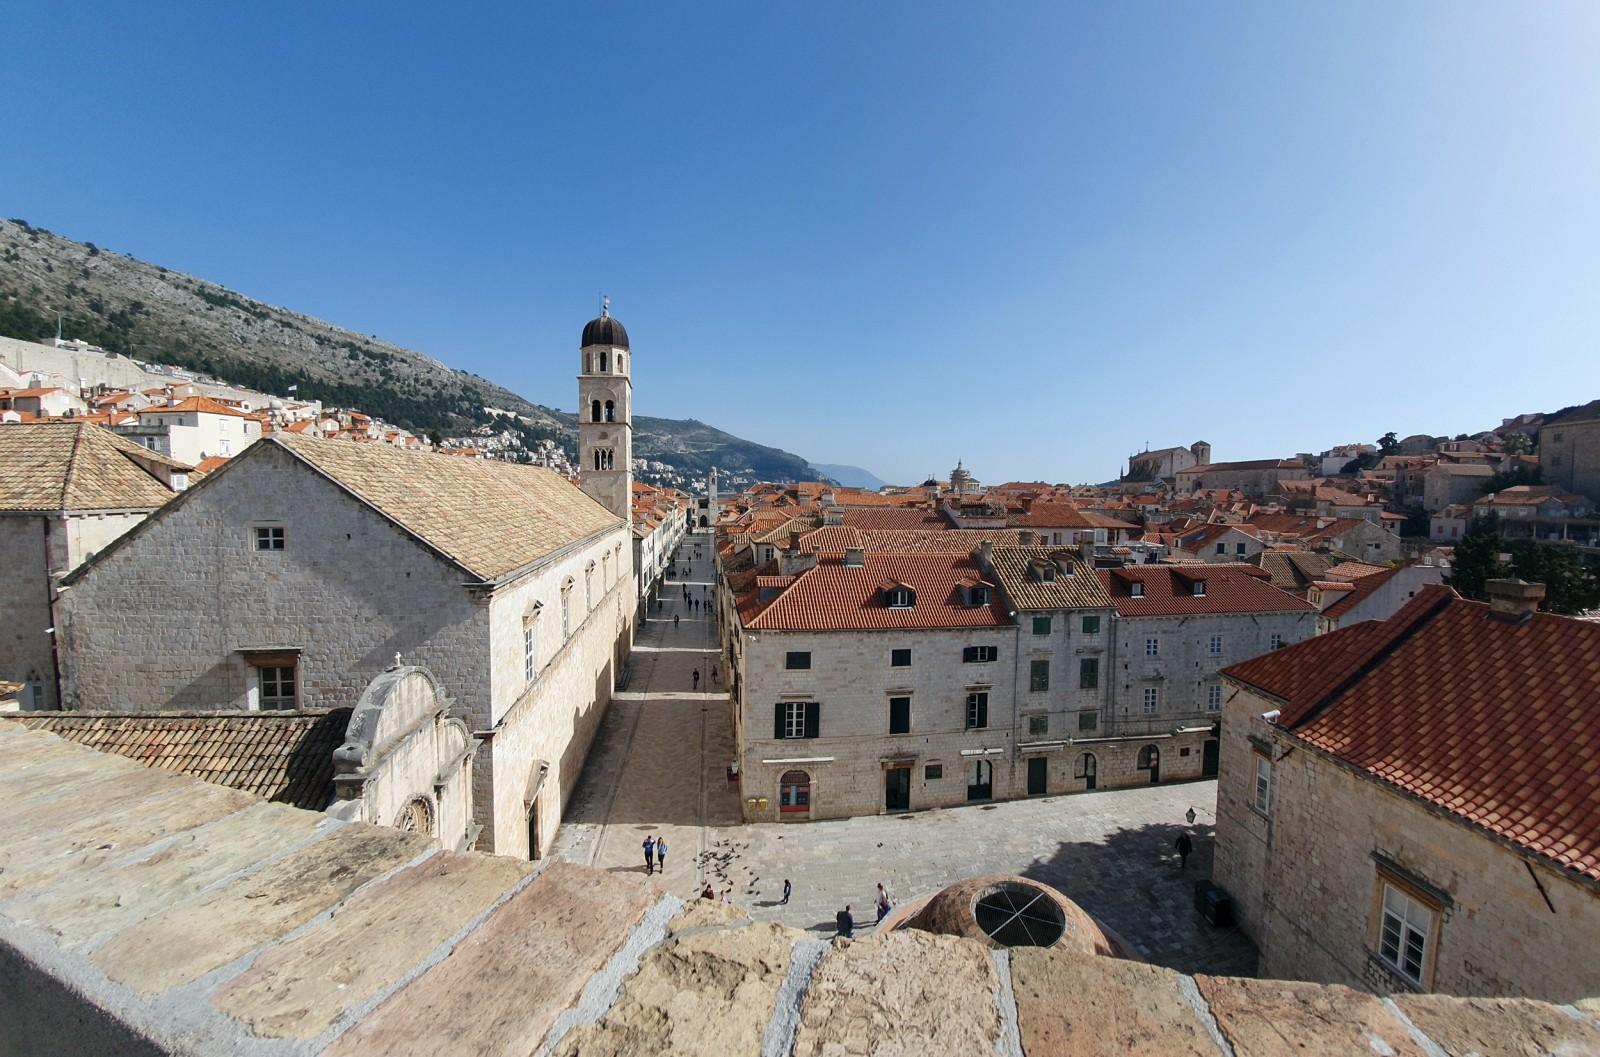 Od 1. travnja vrijede novi kriteriji za lakši ulazak turista u Hrvatsku